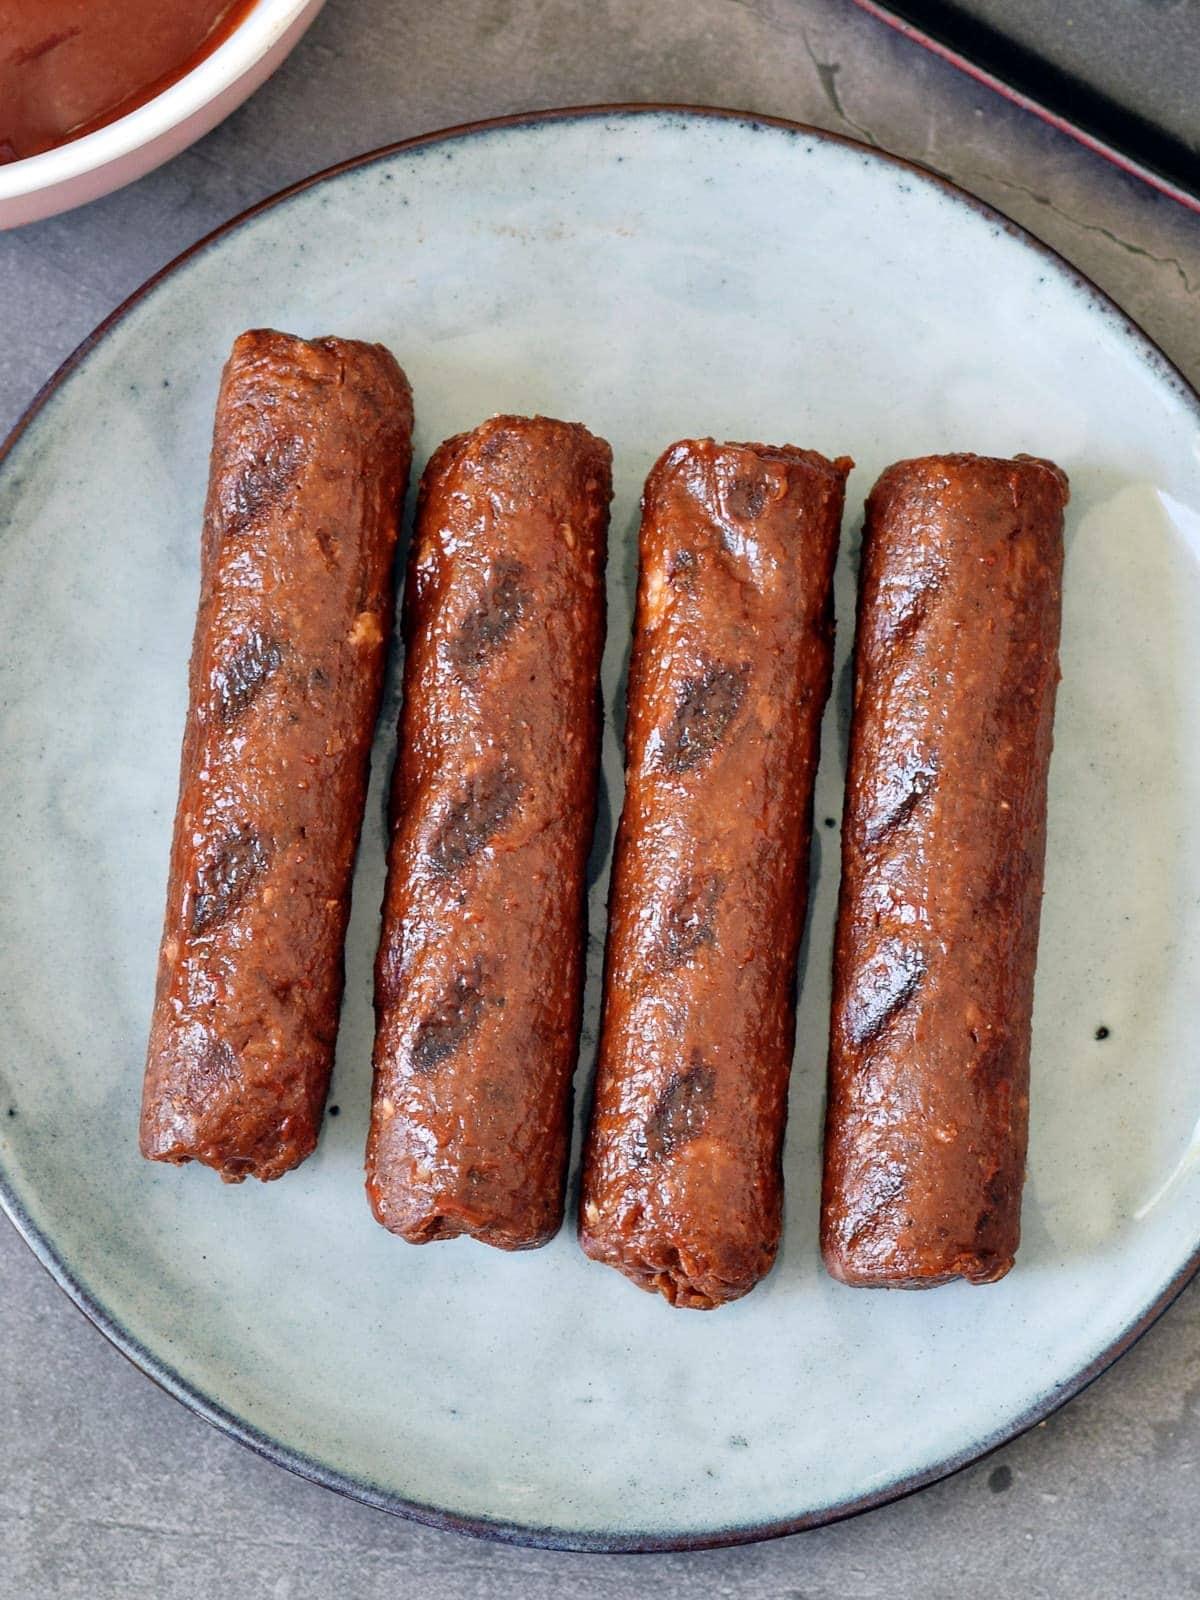 4 pan-fried vegetarian sausages